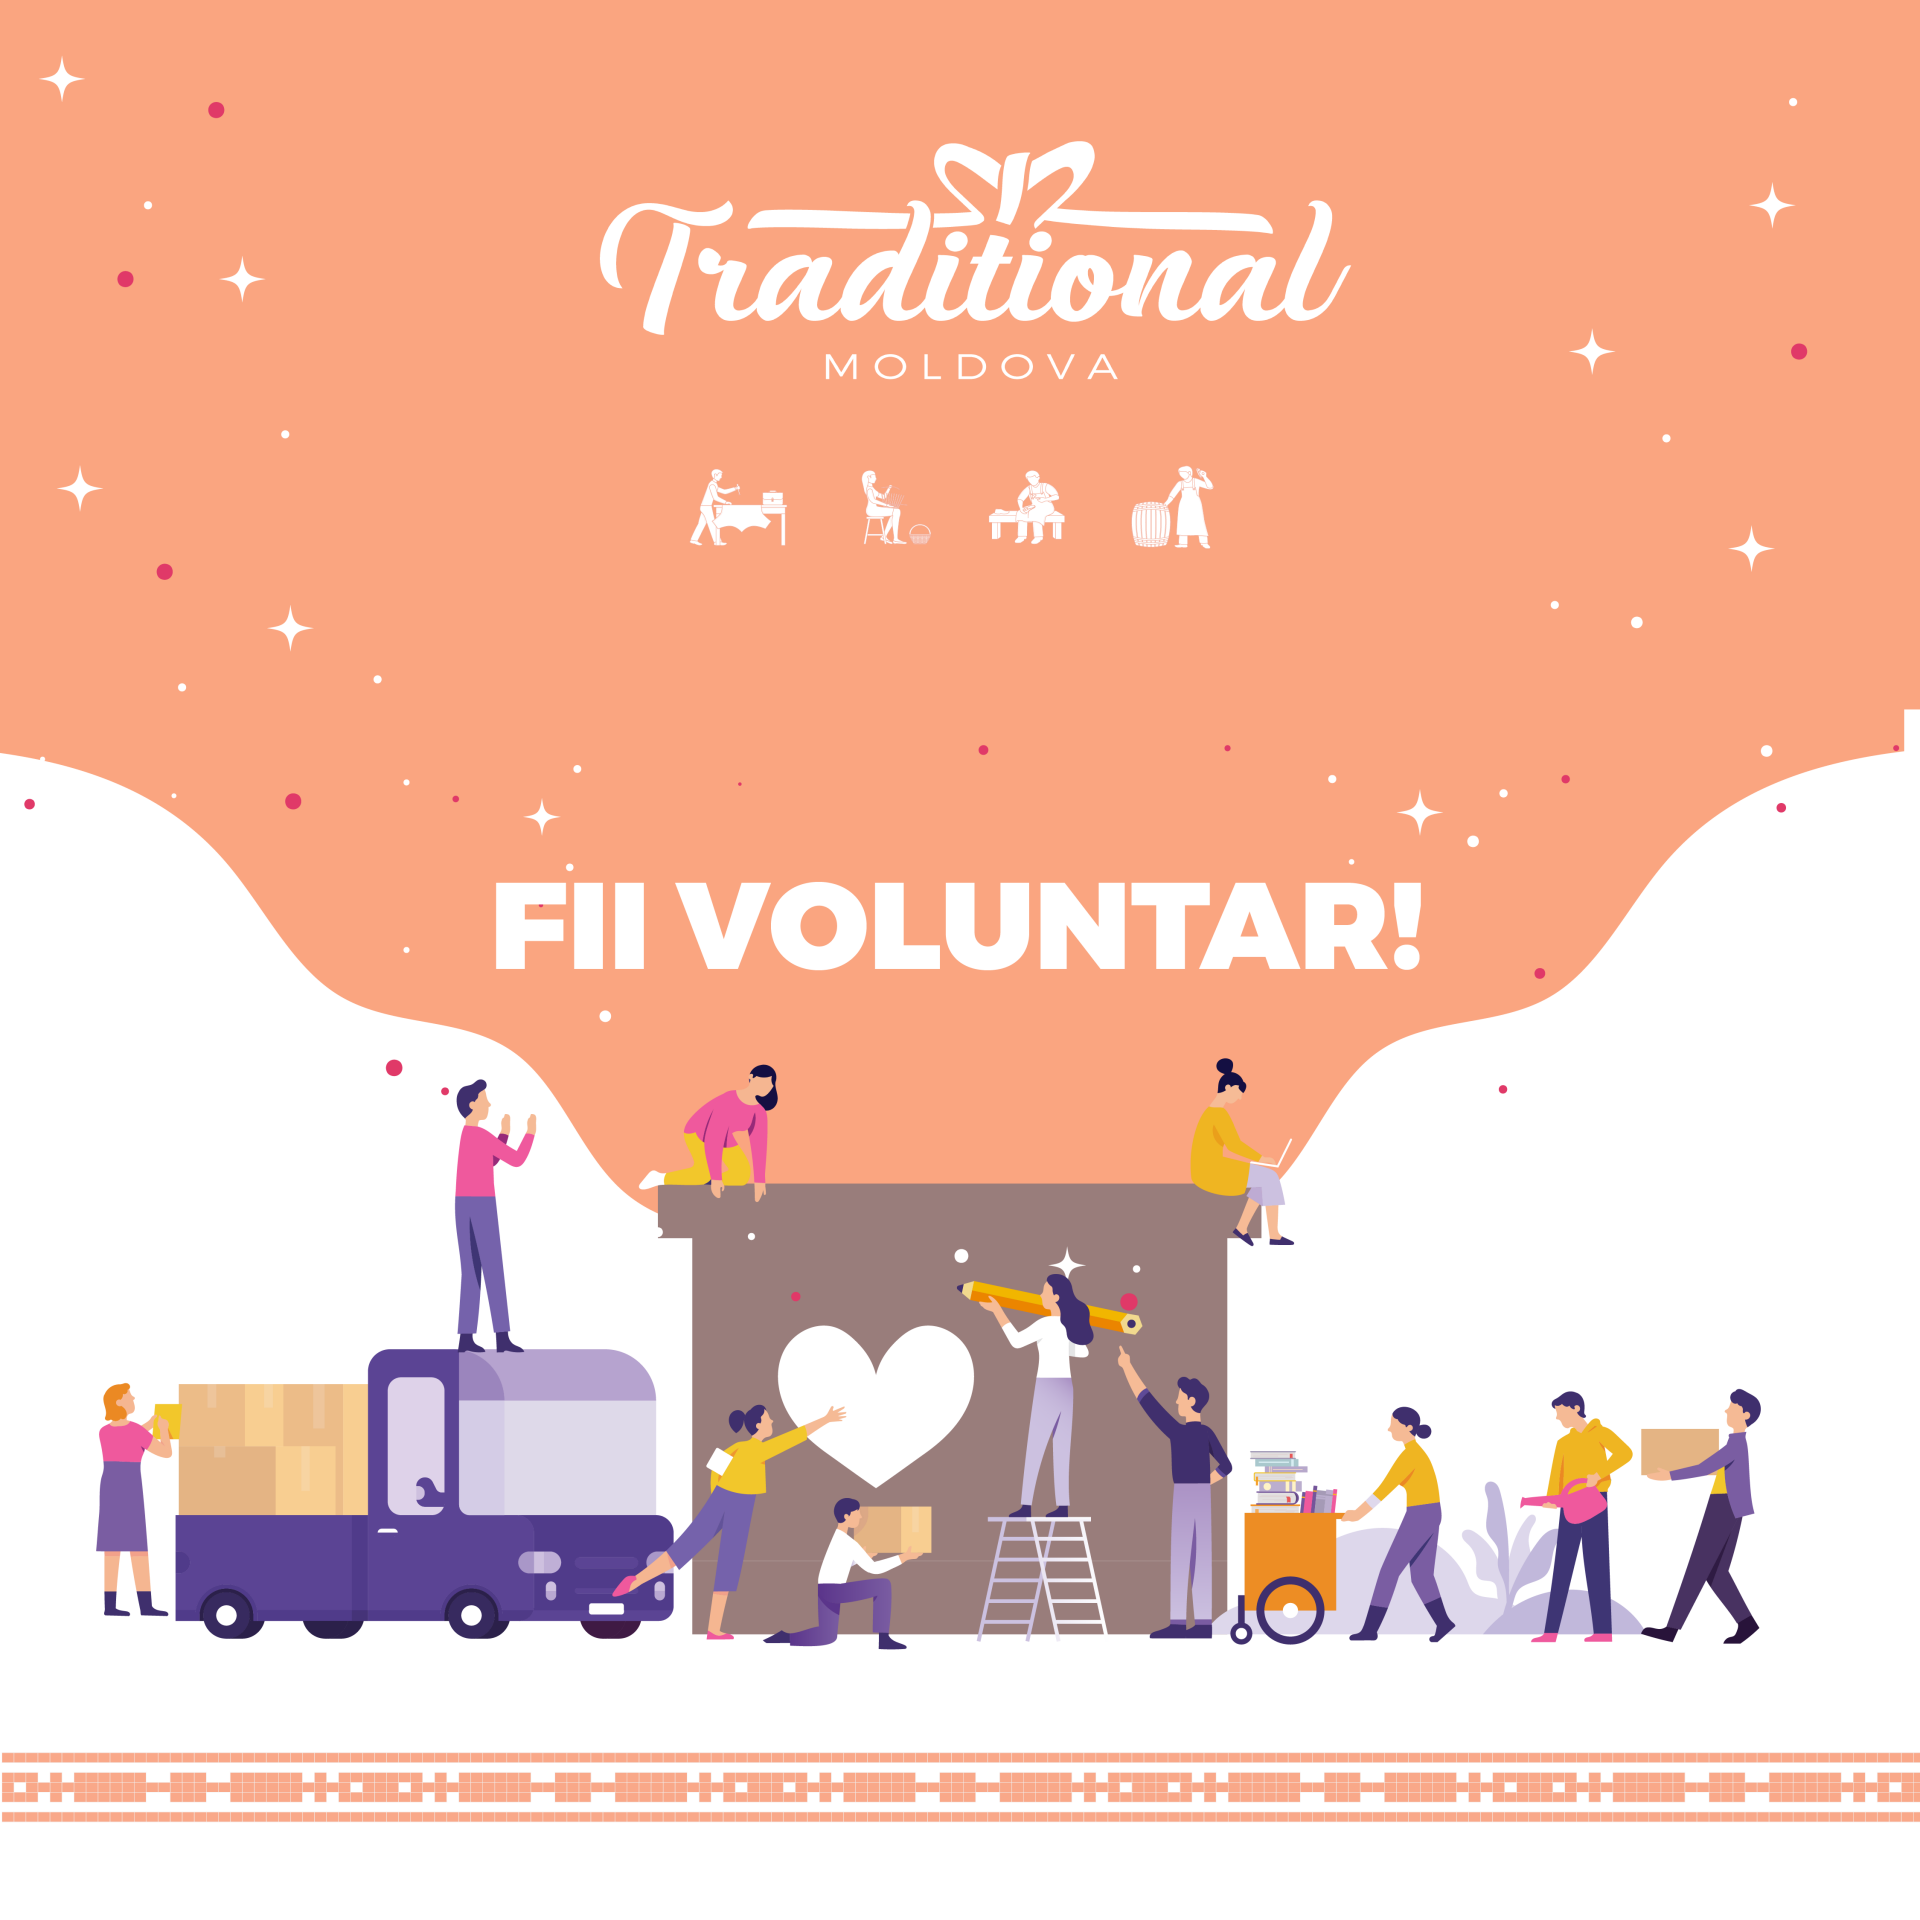 voluntar traditional